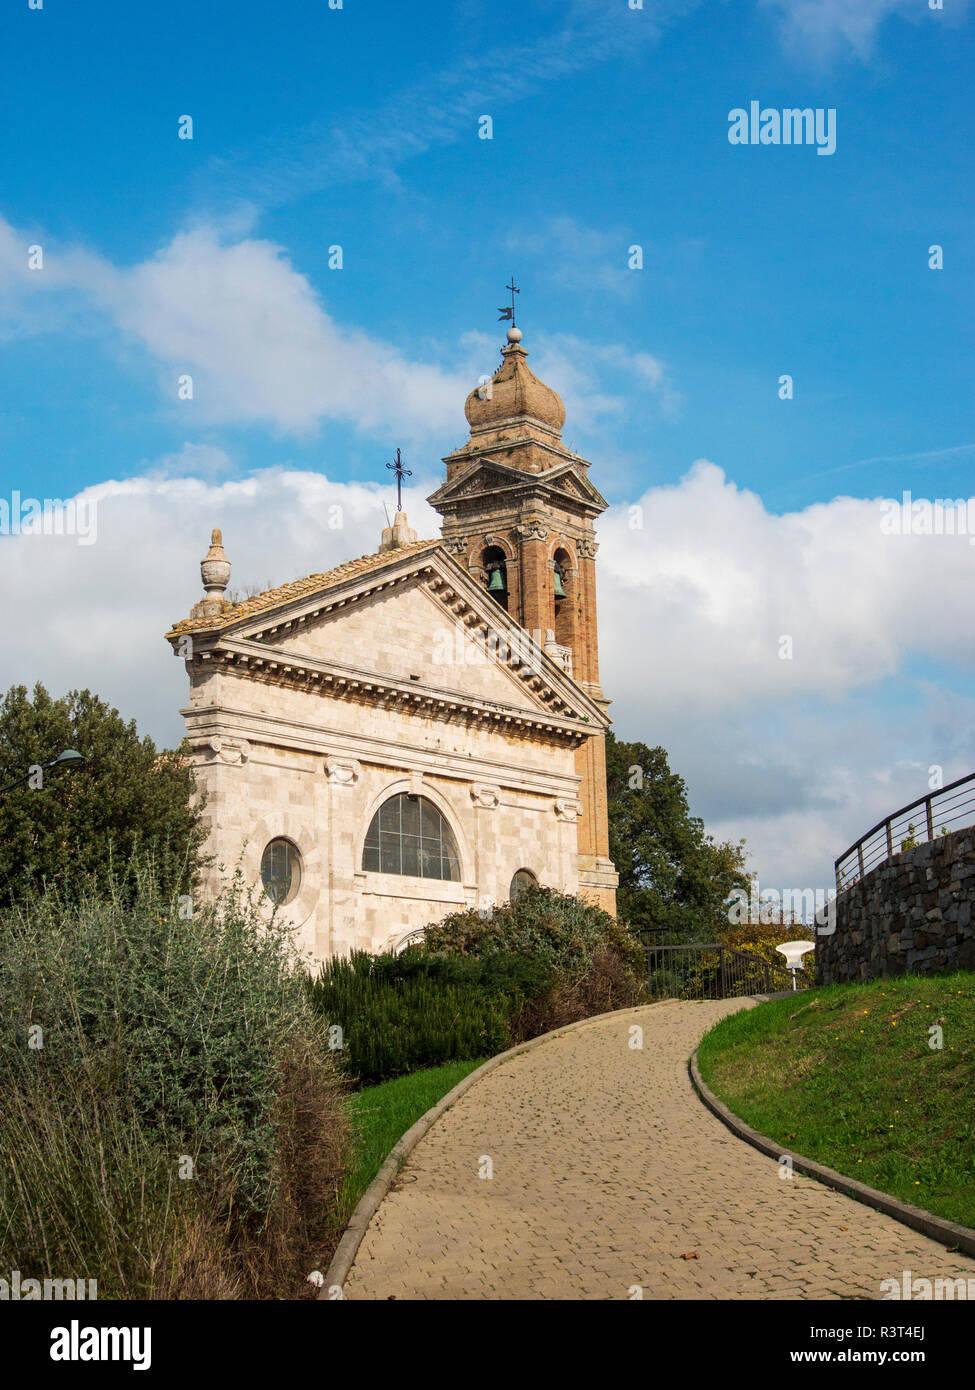 Italy, Monticiano, Madonna del Soccorso church in town of Monticiano - Stock Image